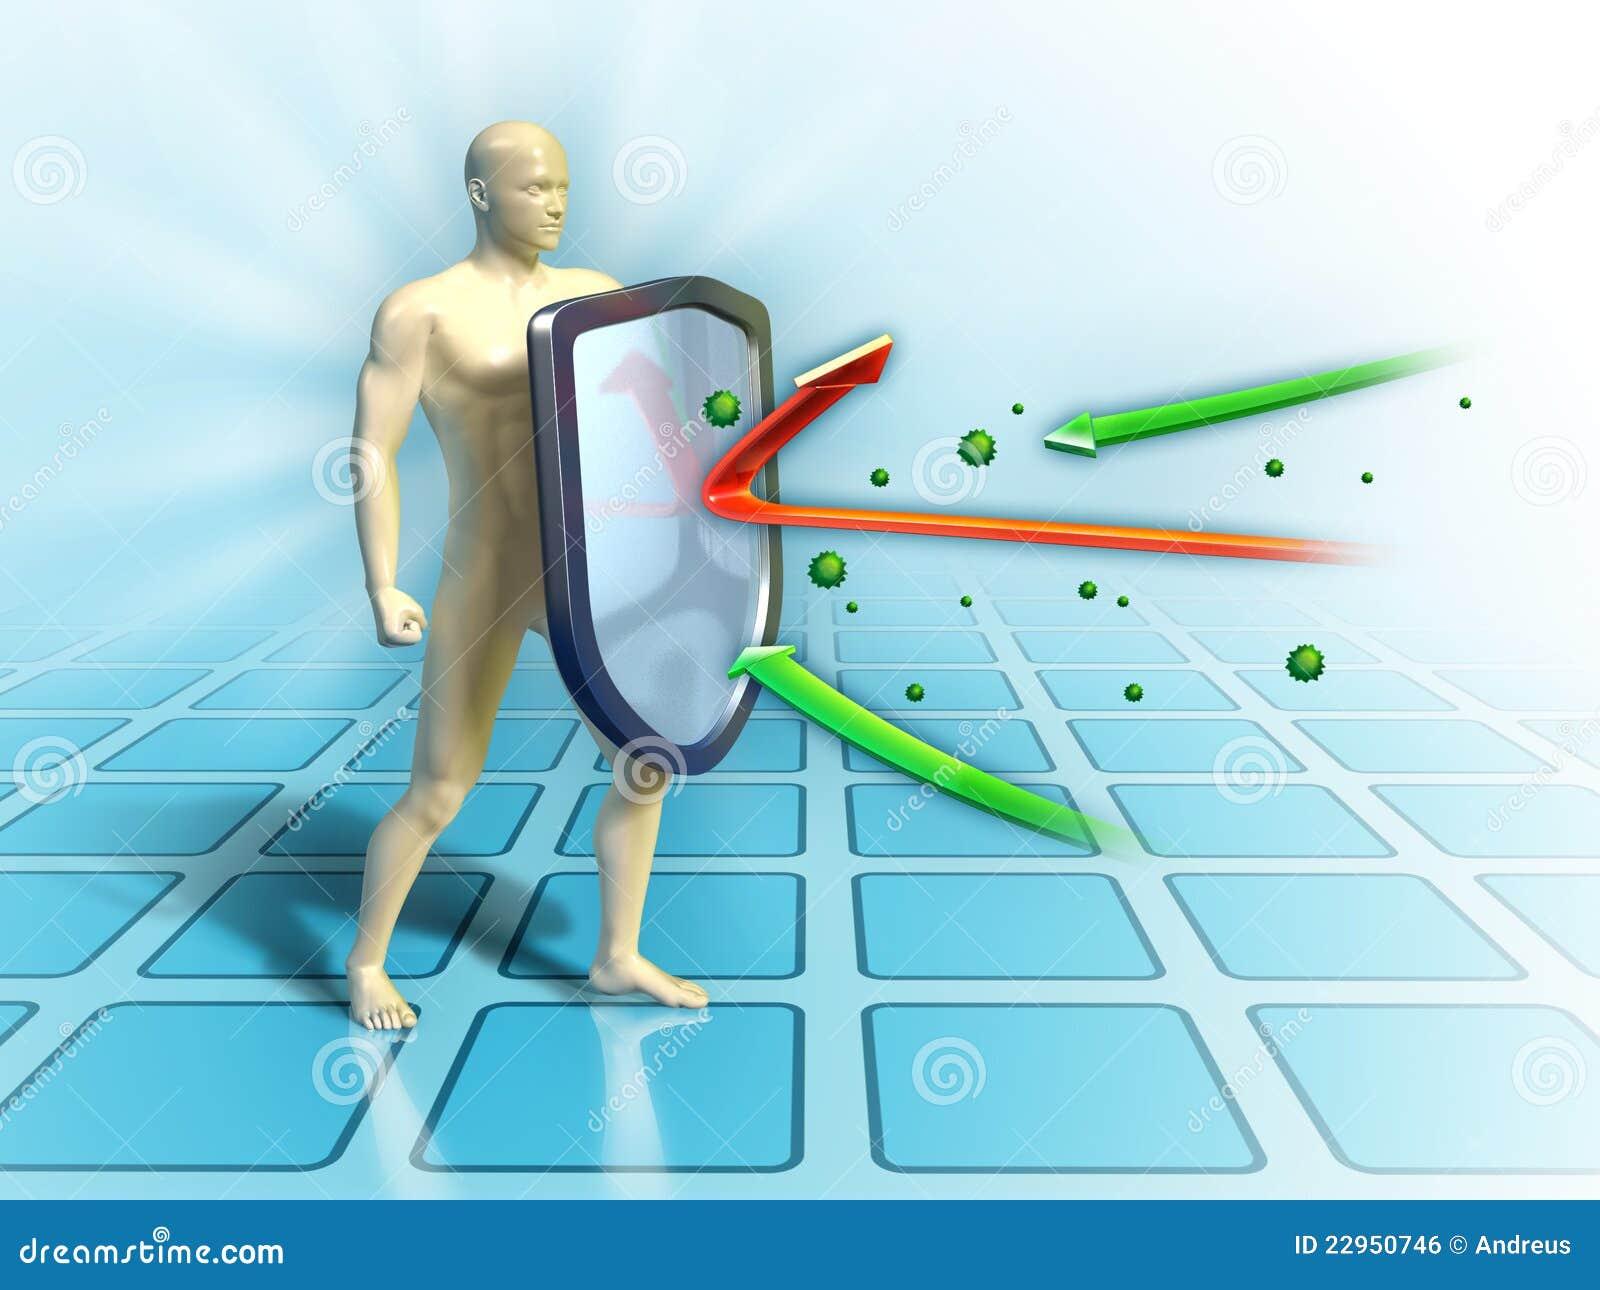 Immune Shield Royalty Free Stock Image - Image: 22950746